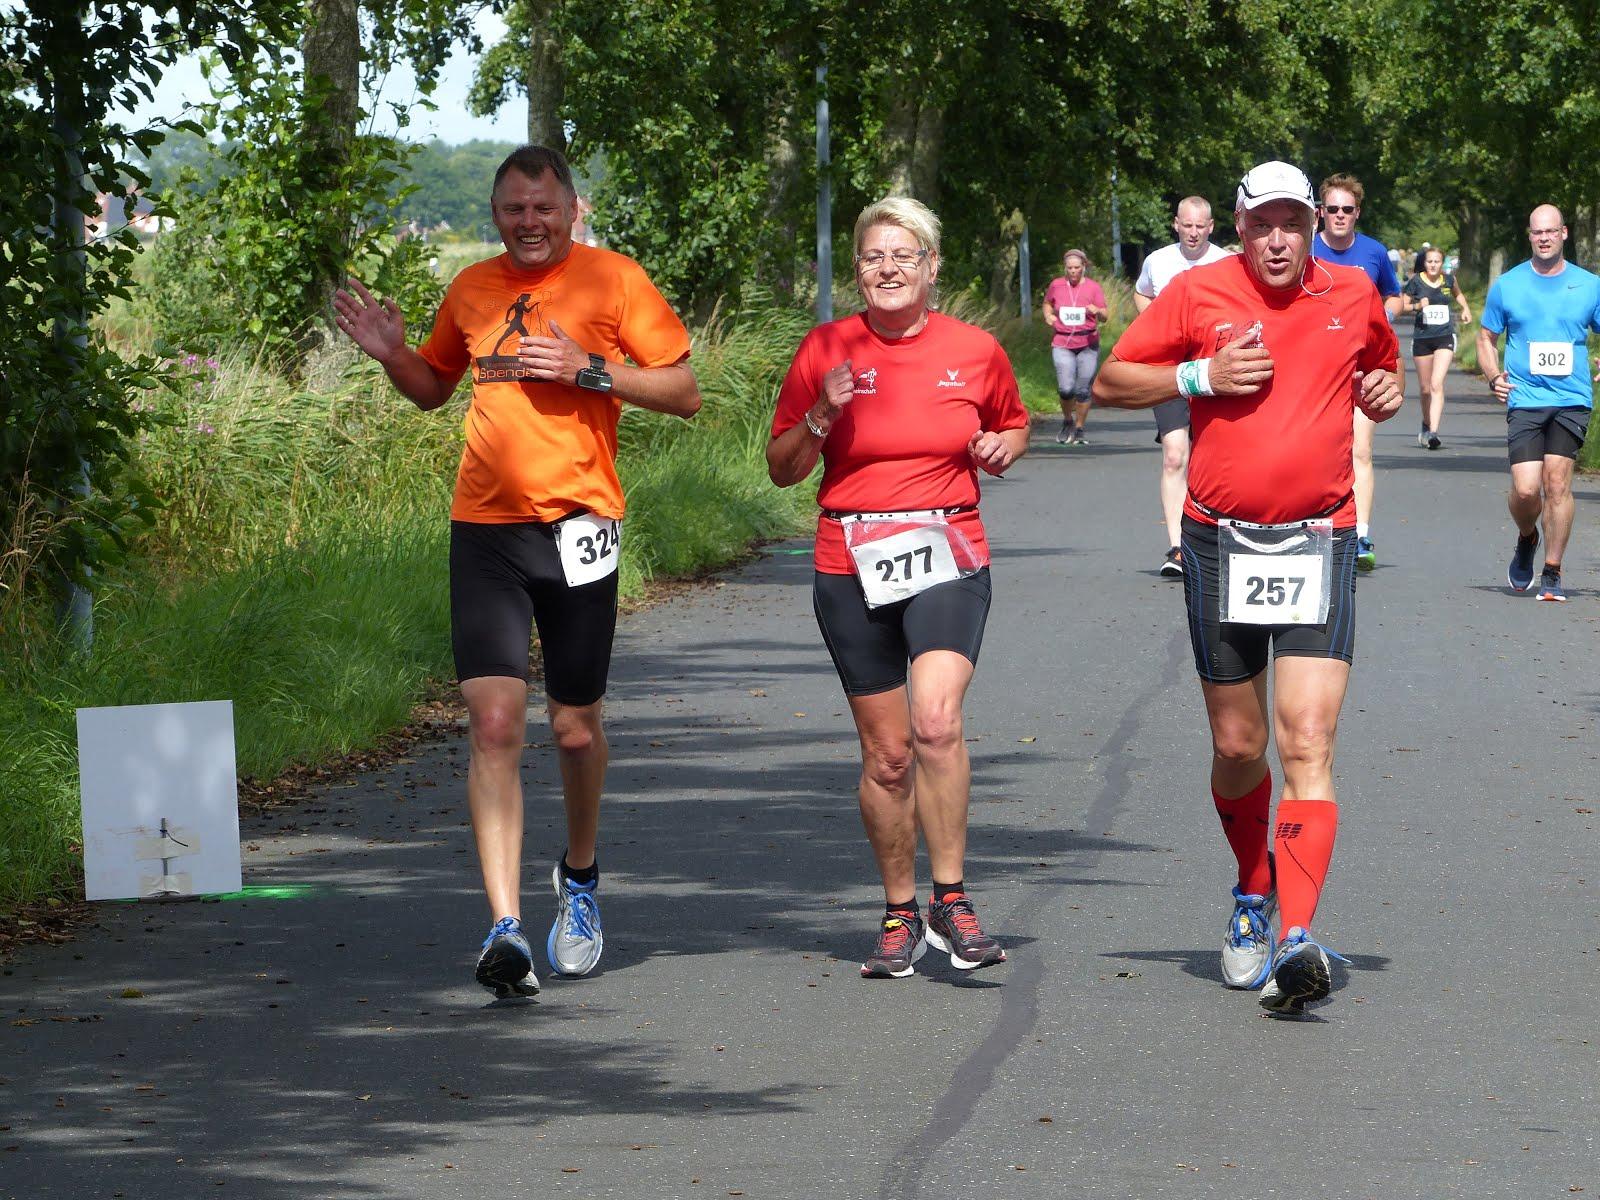 Wybelsum (DE) 1.Polderlauf 15.07.2017